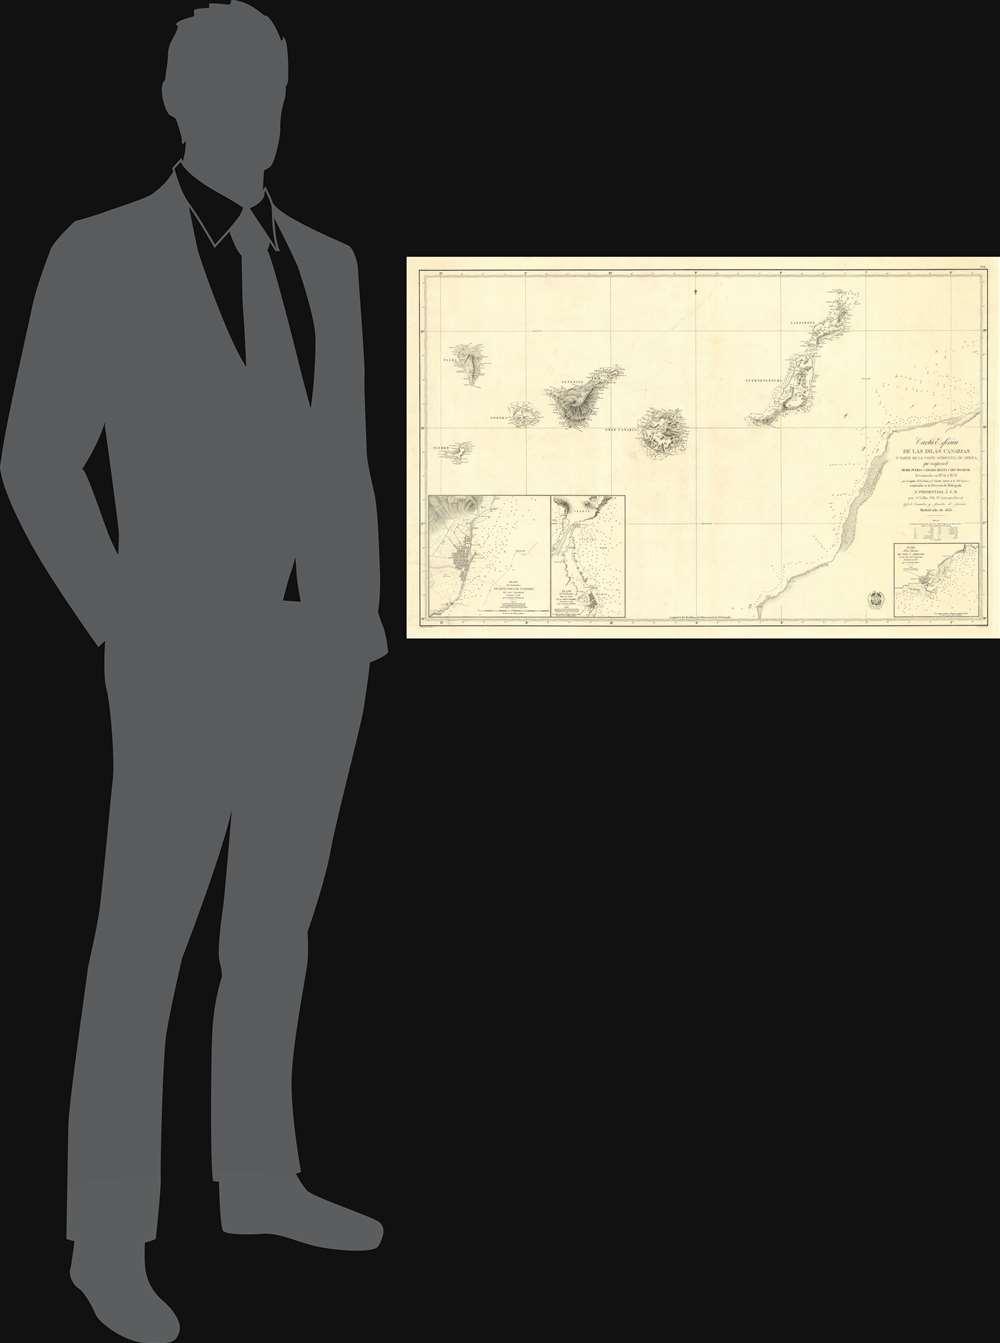 Carta Esférica de las Islas Canarias y Parte de la Costa Ocidental de Africa, que Comprende desde Puerto Cansado Hasta Cabo Bojador, levantada en 1834 á 1838. - Alternate View 1